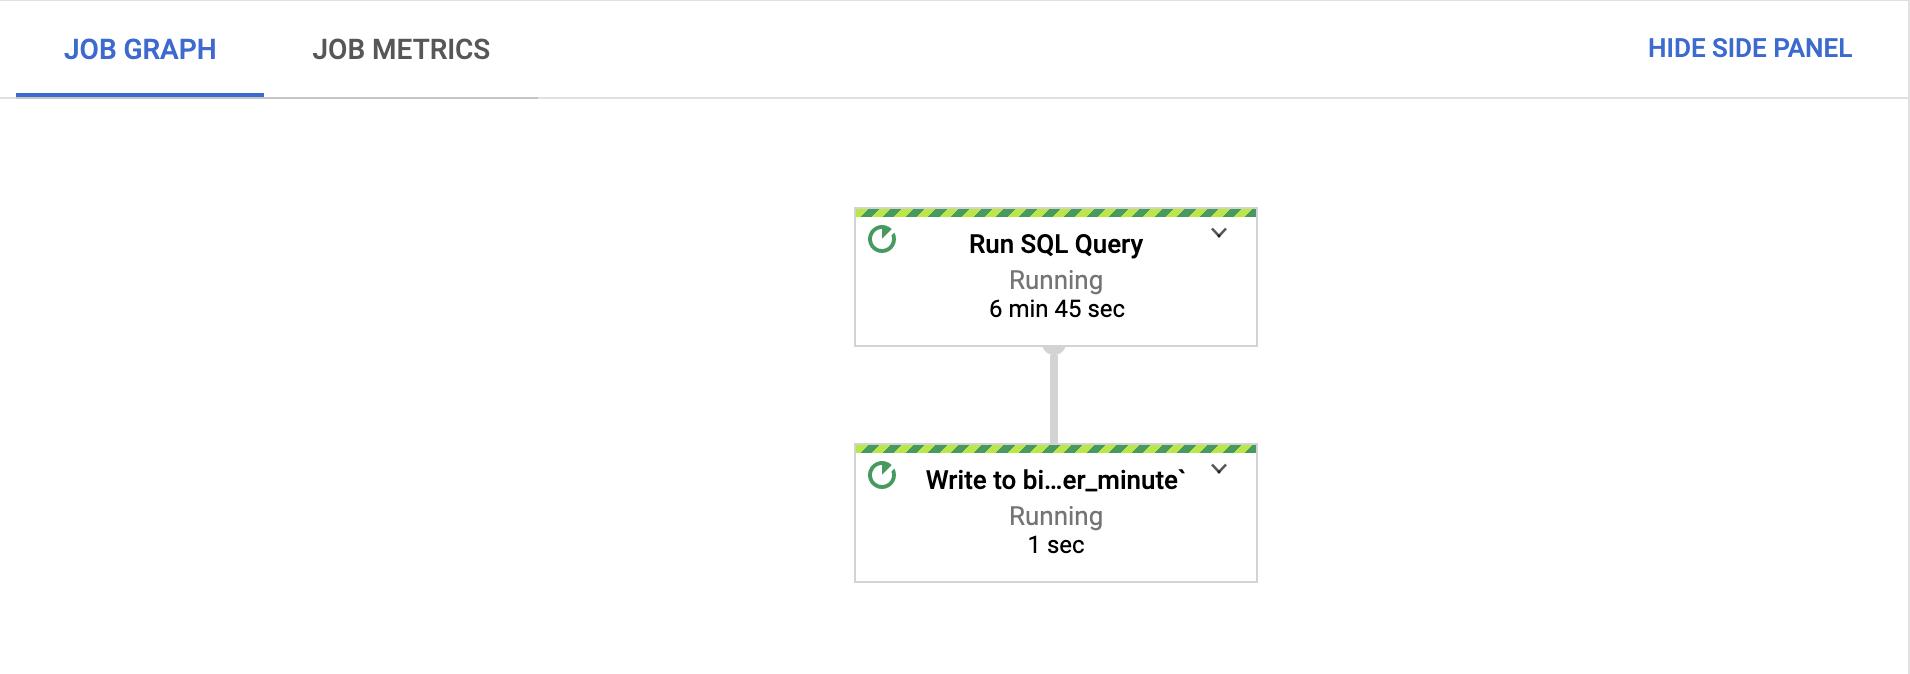 O gráfico de jobs do Dataflow com duas etapas compostas. A primeira etapa é executada por 6 minutos e 45 segundos e a segunda é executada por 1 segundo.